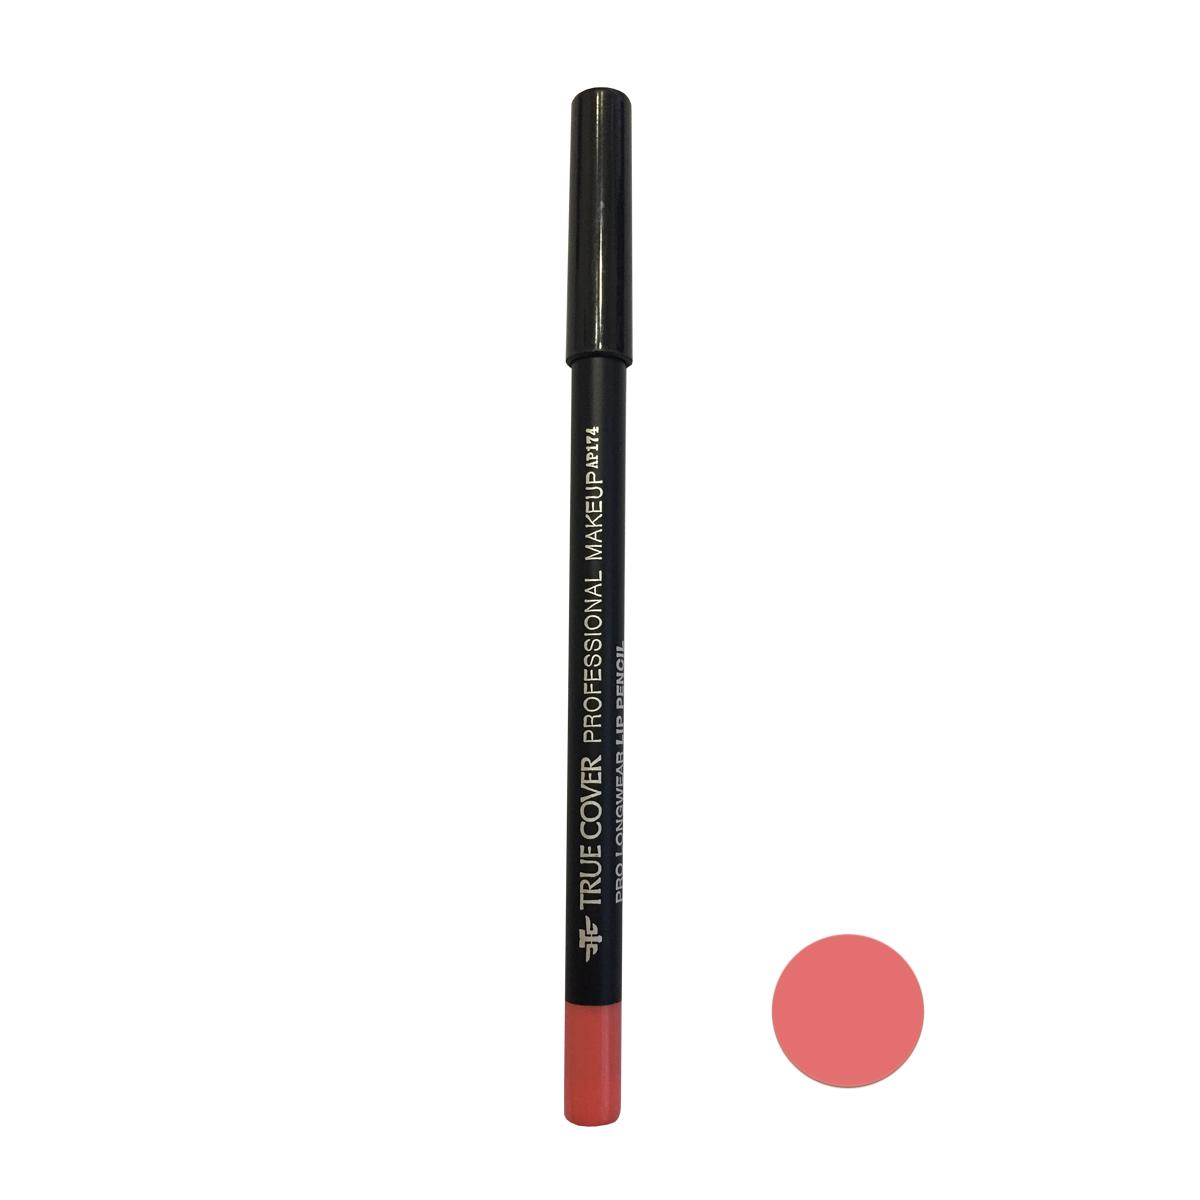 مداد لب تروکاور مدل پرو لانگ ور شماره 174